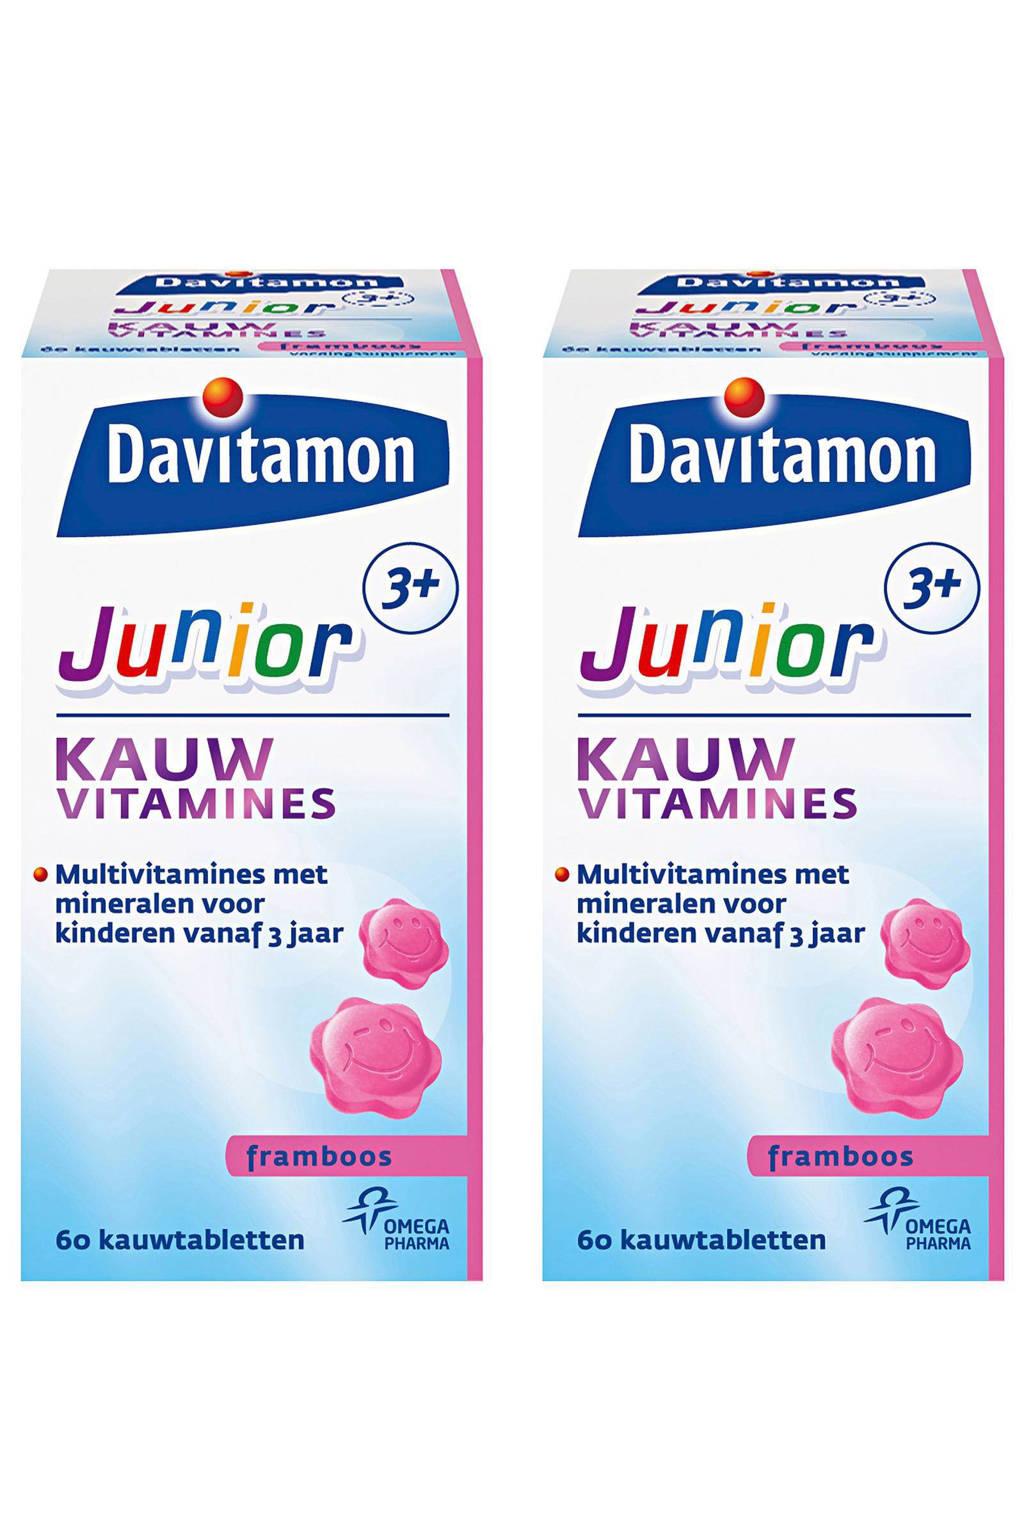 Davitamon Junior 3+ kauwtabletten - Framboos 2x 60 stuks